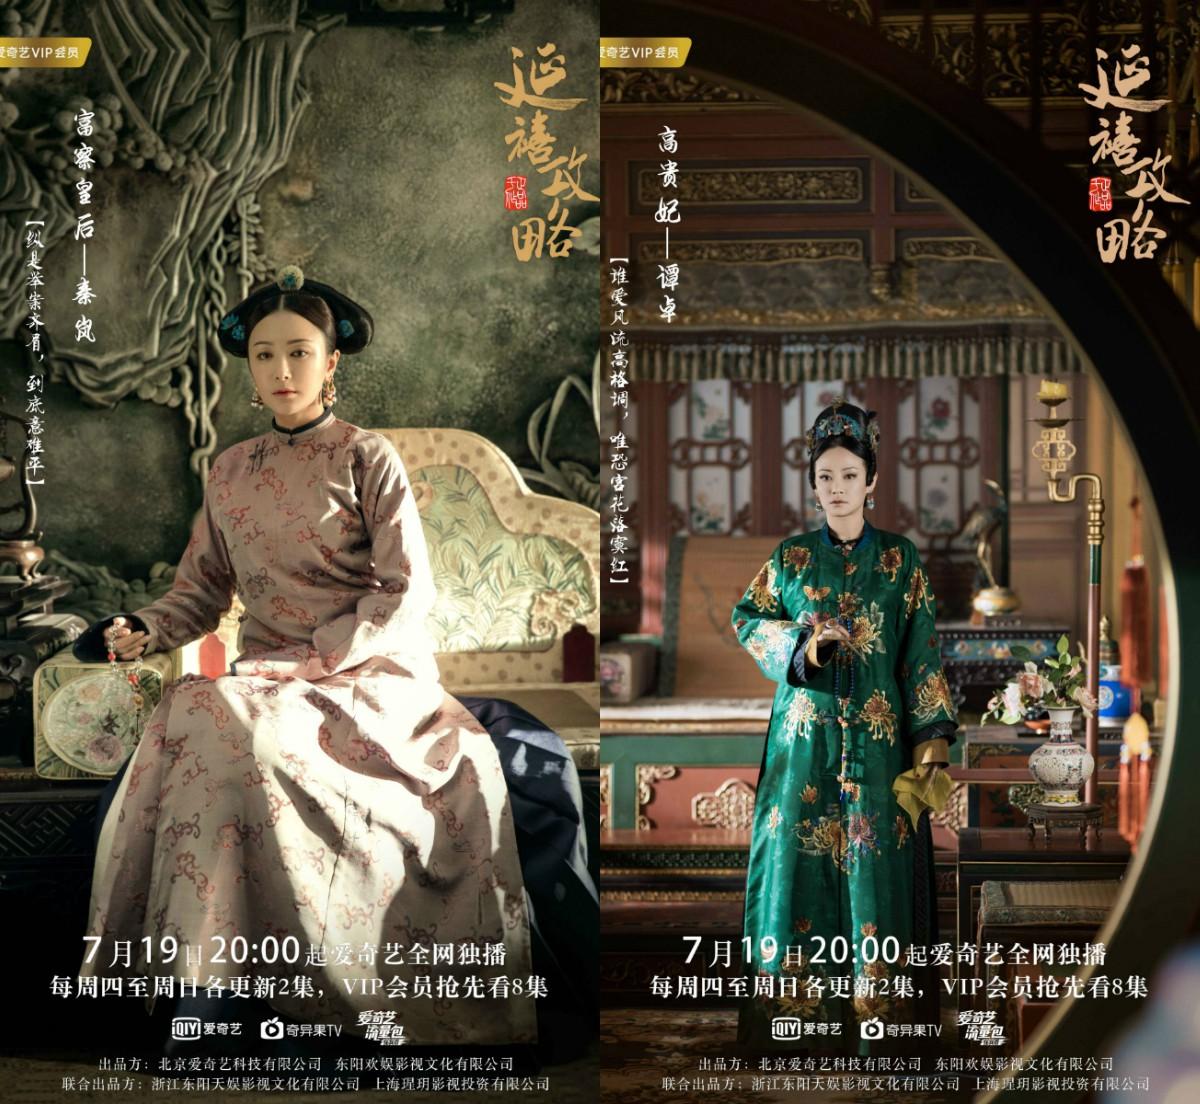 Liền đến là dự ra đi của Hoàng hậu và Cao quý phi, Tần phi và sắp tới Thuần phi khiến hậu cung giờ chỉ còn là cuộc đấu của Ngụy Anh Lạc và Kế hoàng hậu